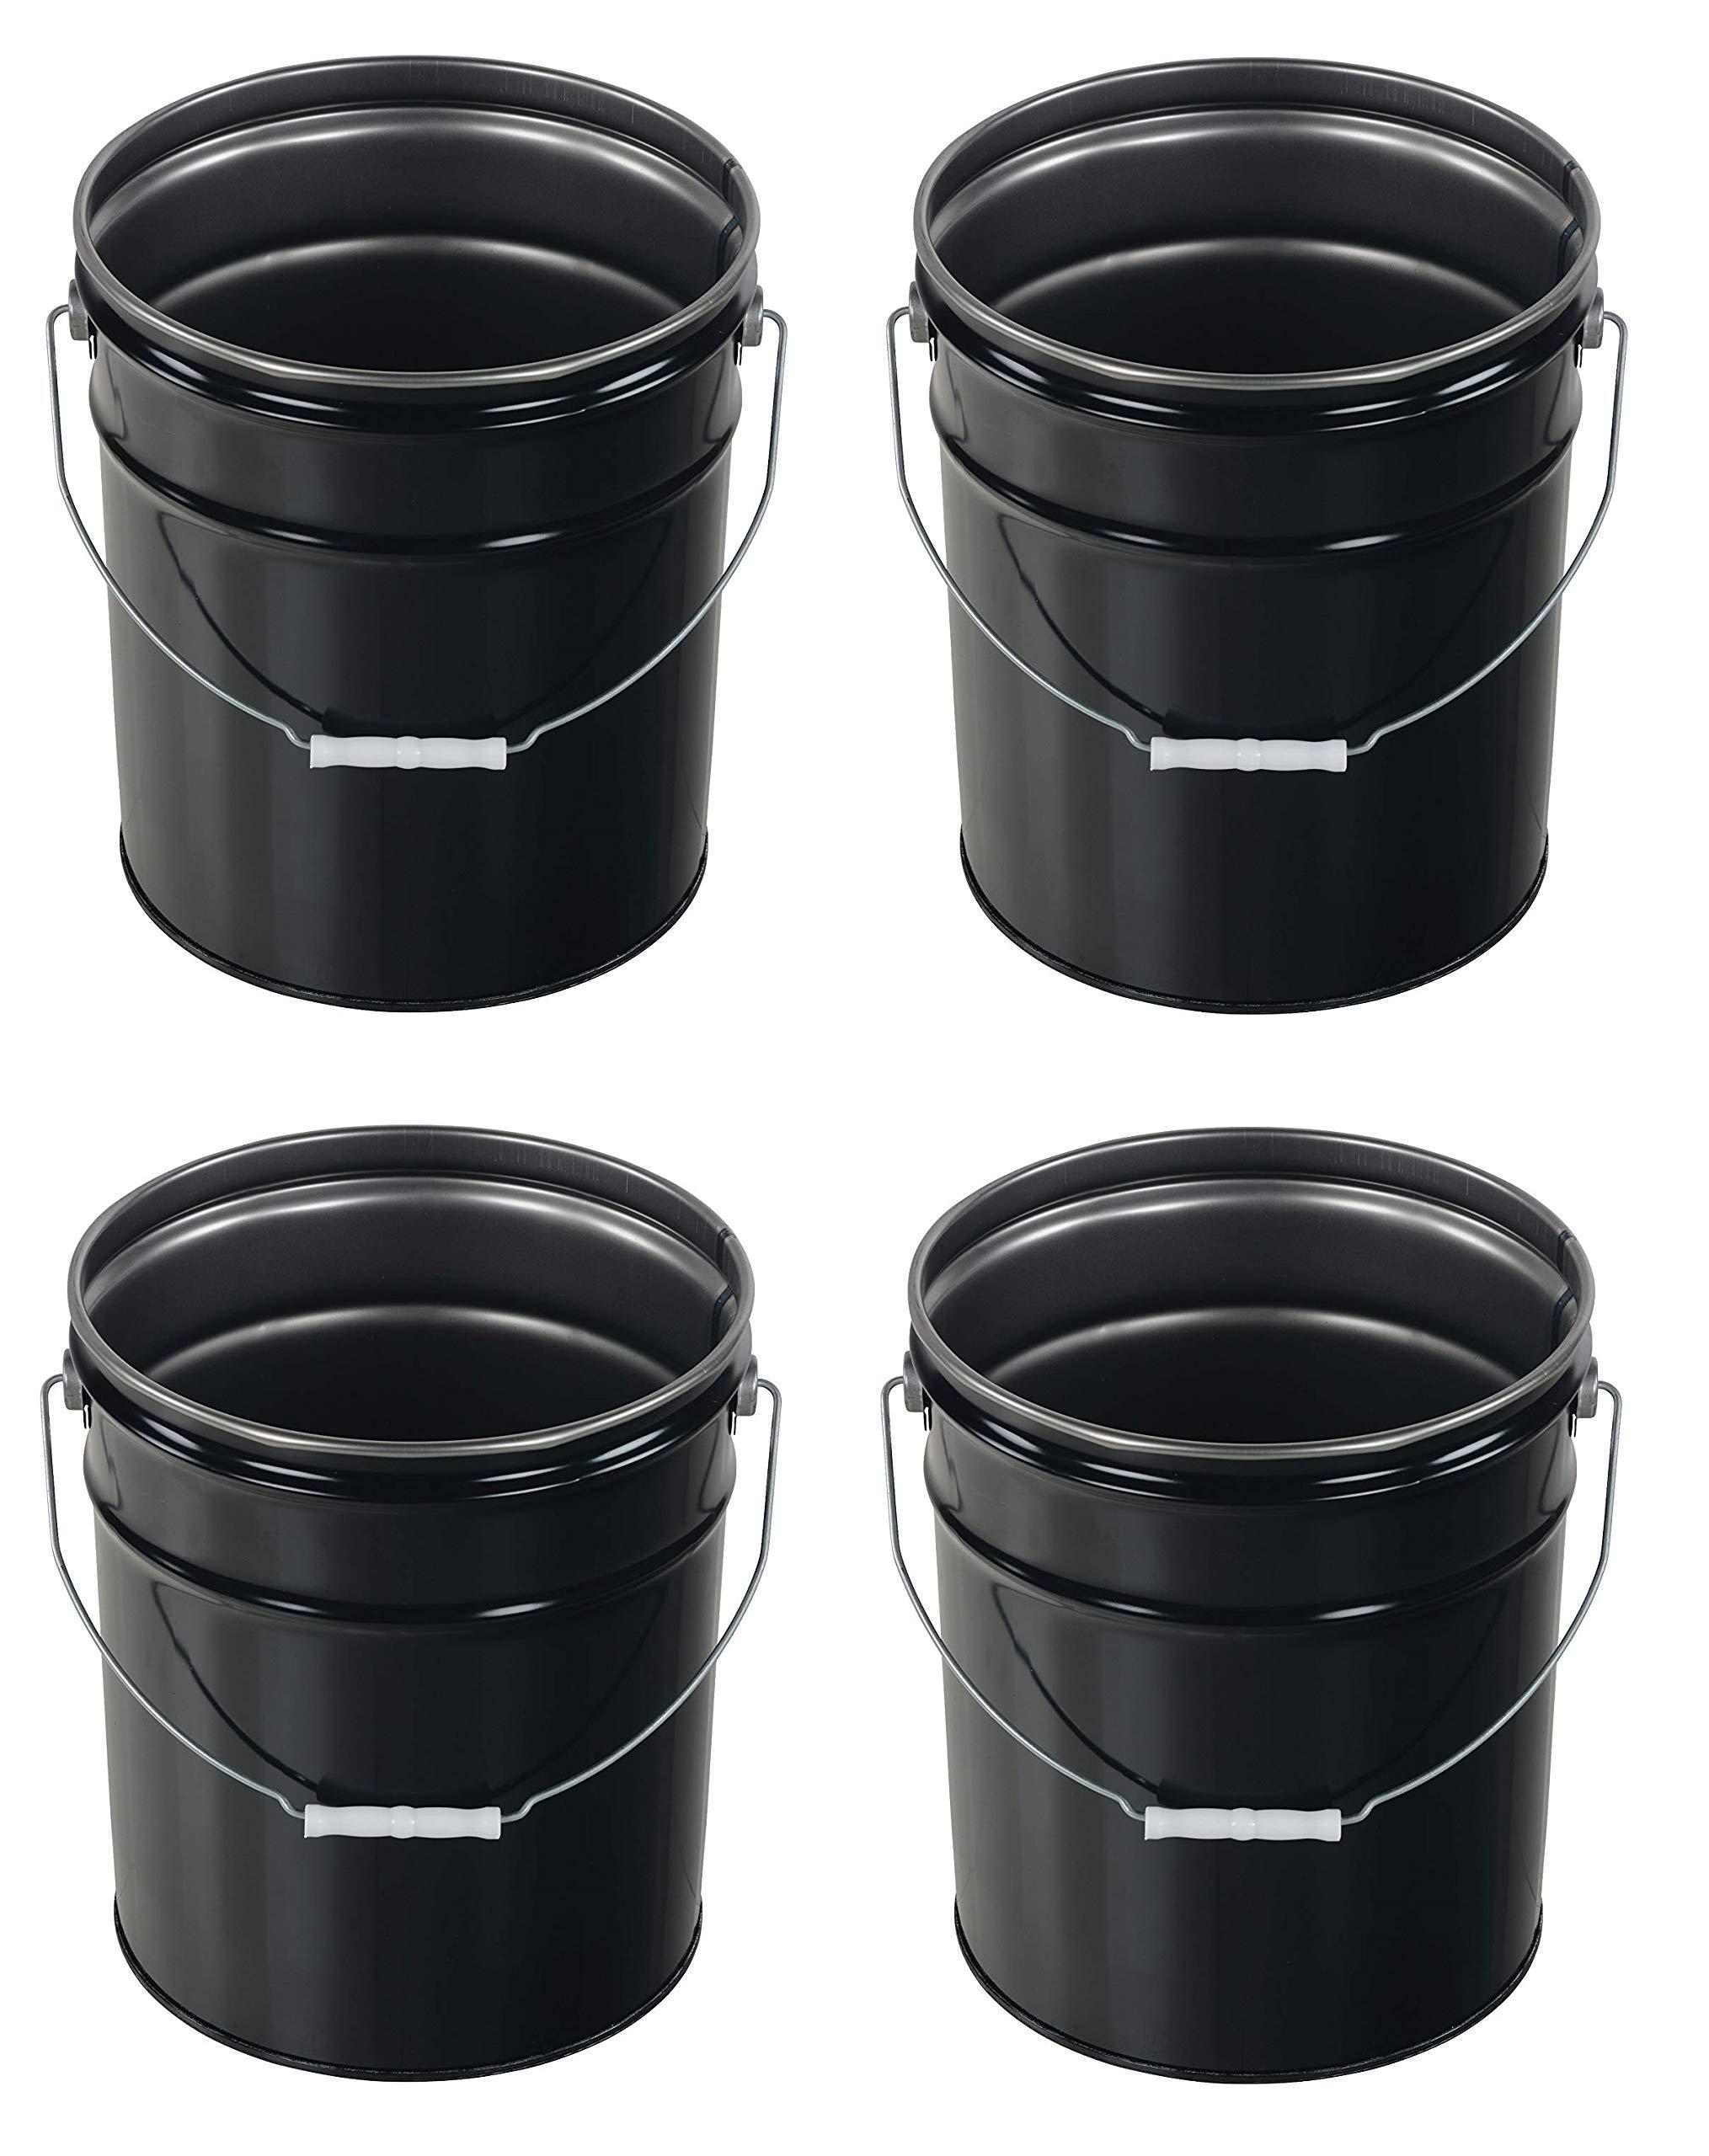 Vestil Pail-STL-RI-UN Steel Pail with Handle, 5 Gallon Capacity, Black (Pack of 4)